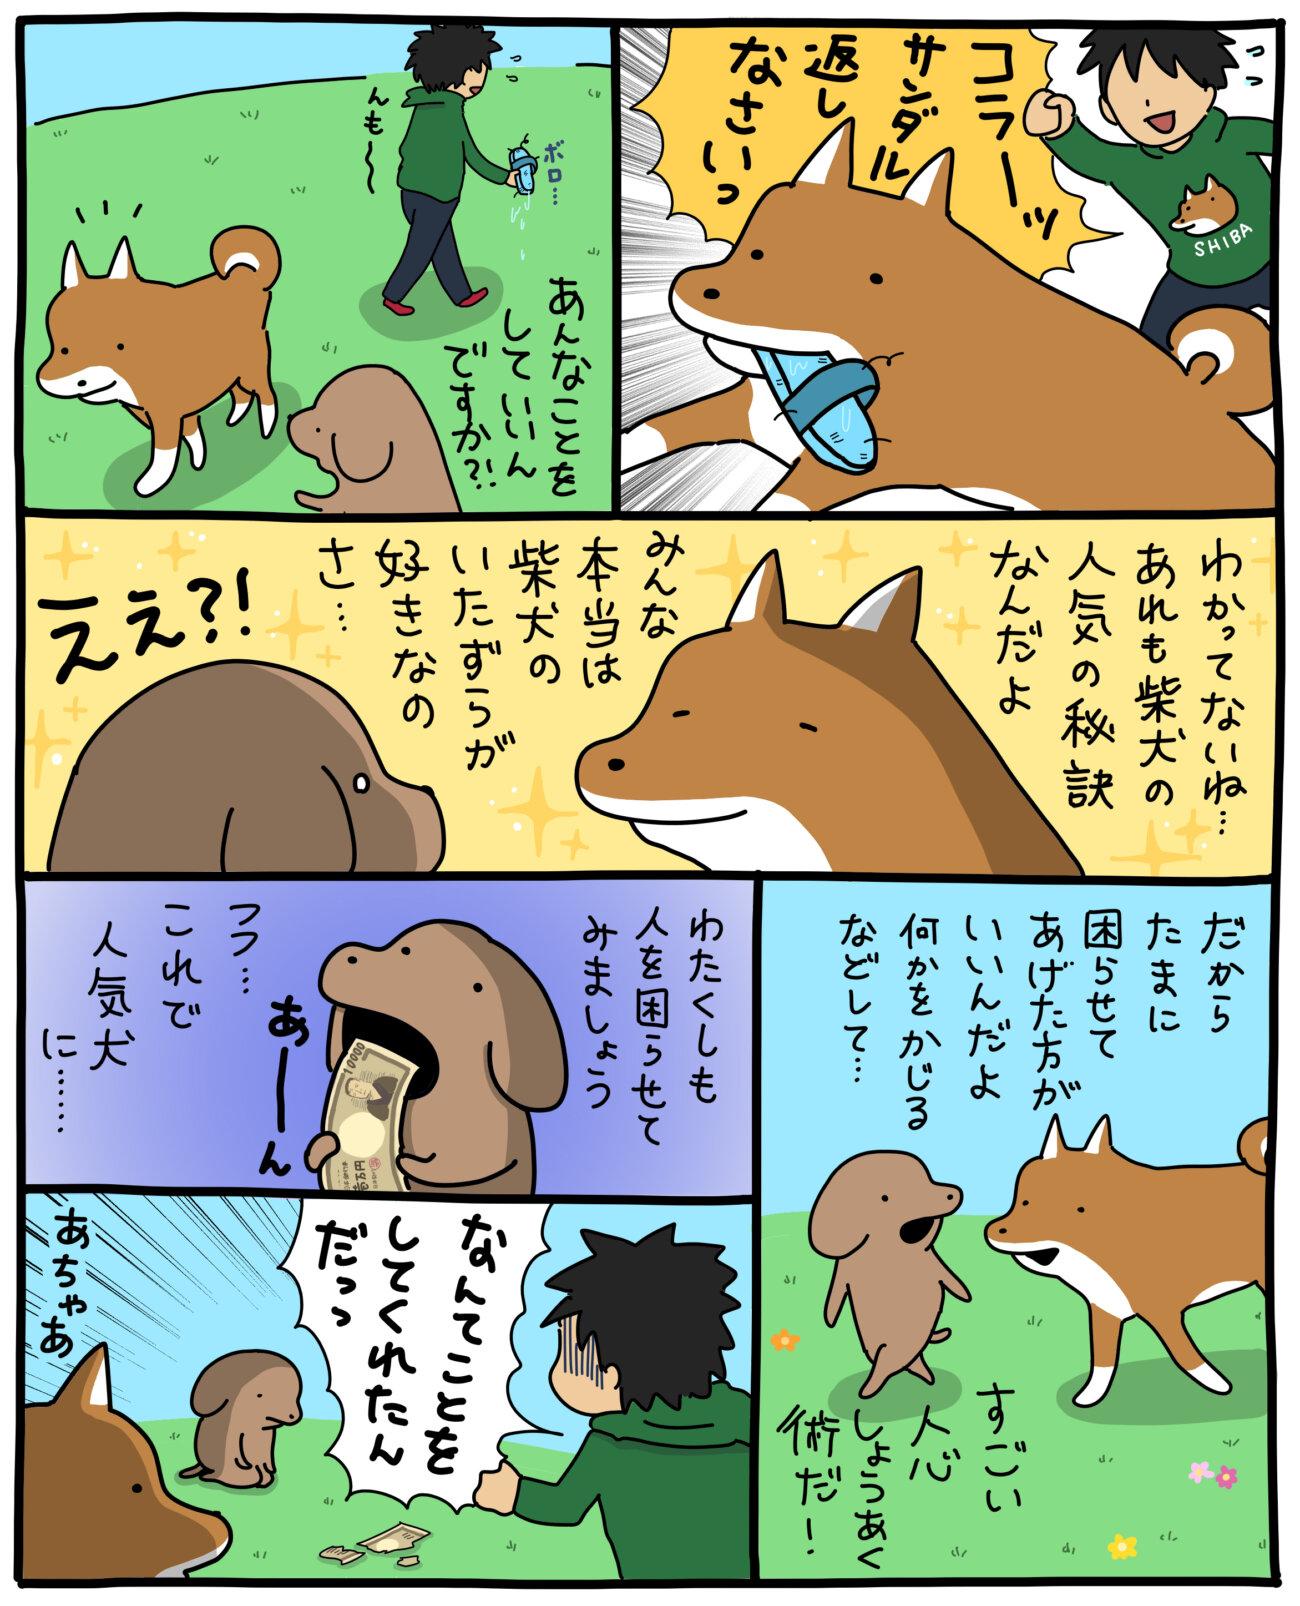 柴犬,こいぬ,うかうか,マンガ